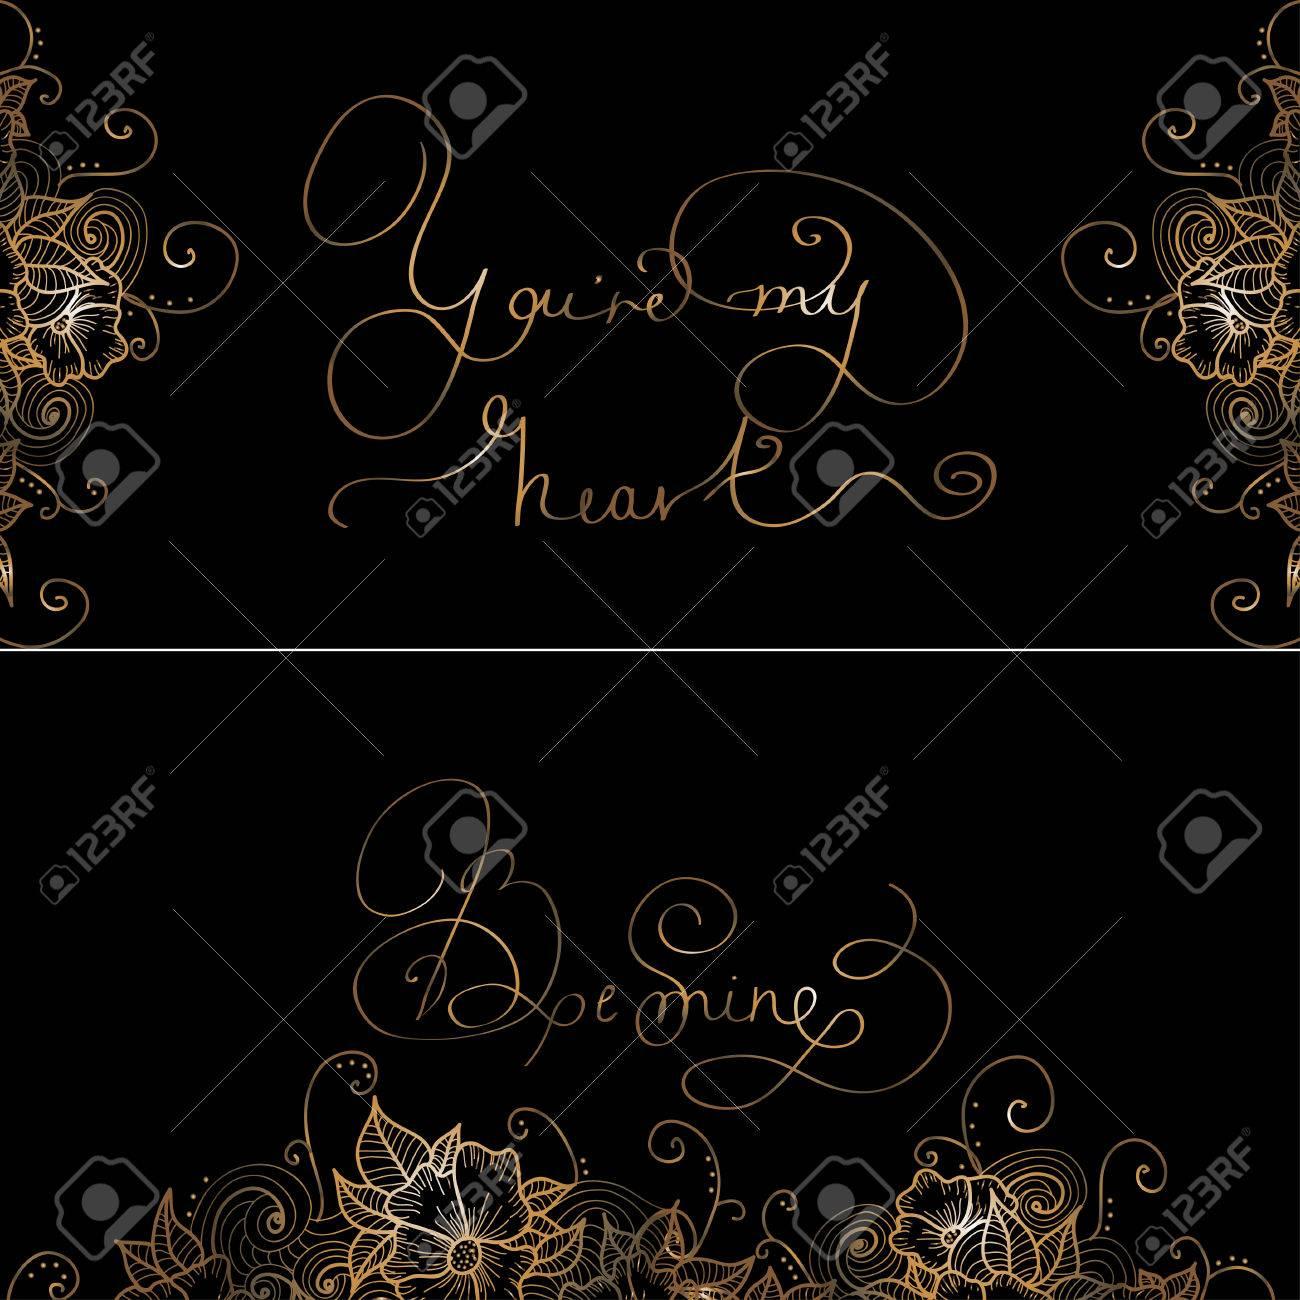 Dos Tarjetas Del Diseño Con Las Letras A Mano Original Es Volver A Mi Corazón De La Mina Be Para Las Tarjetas O Invitaciones Románticas Para San